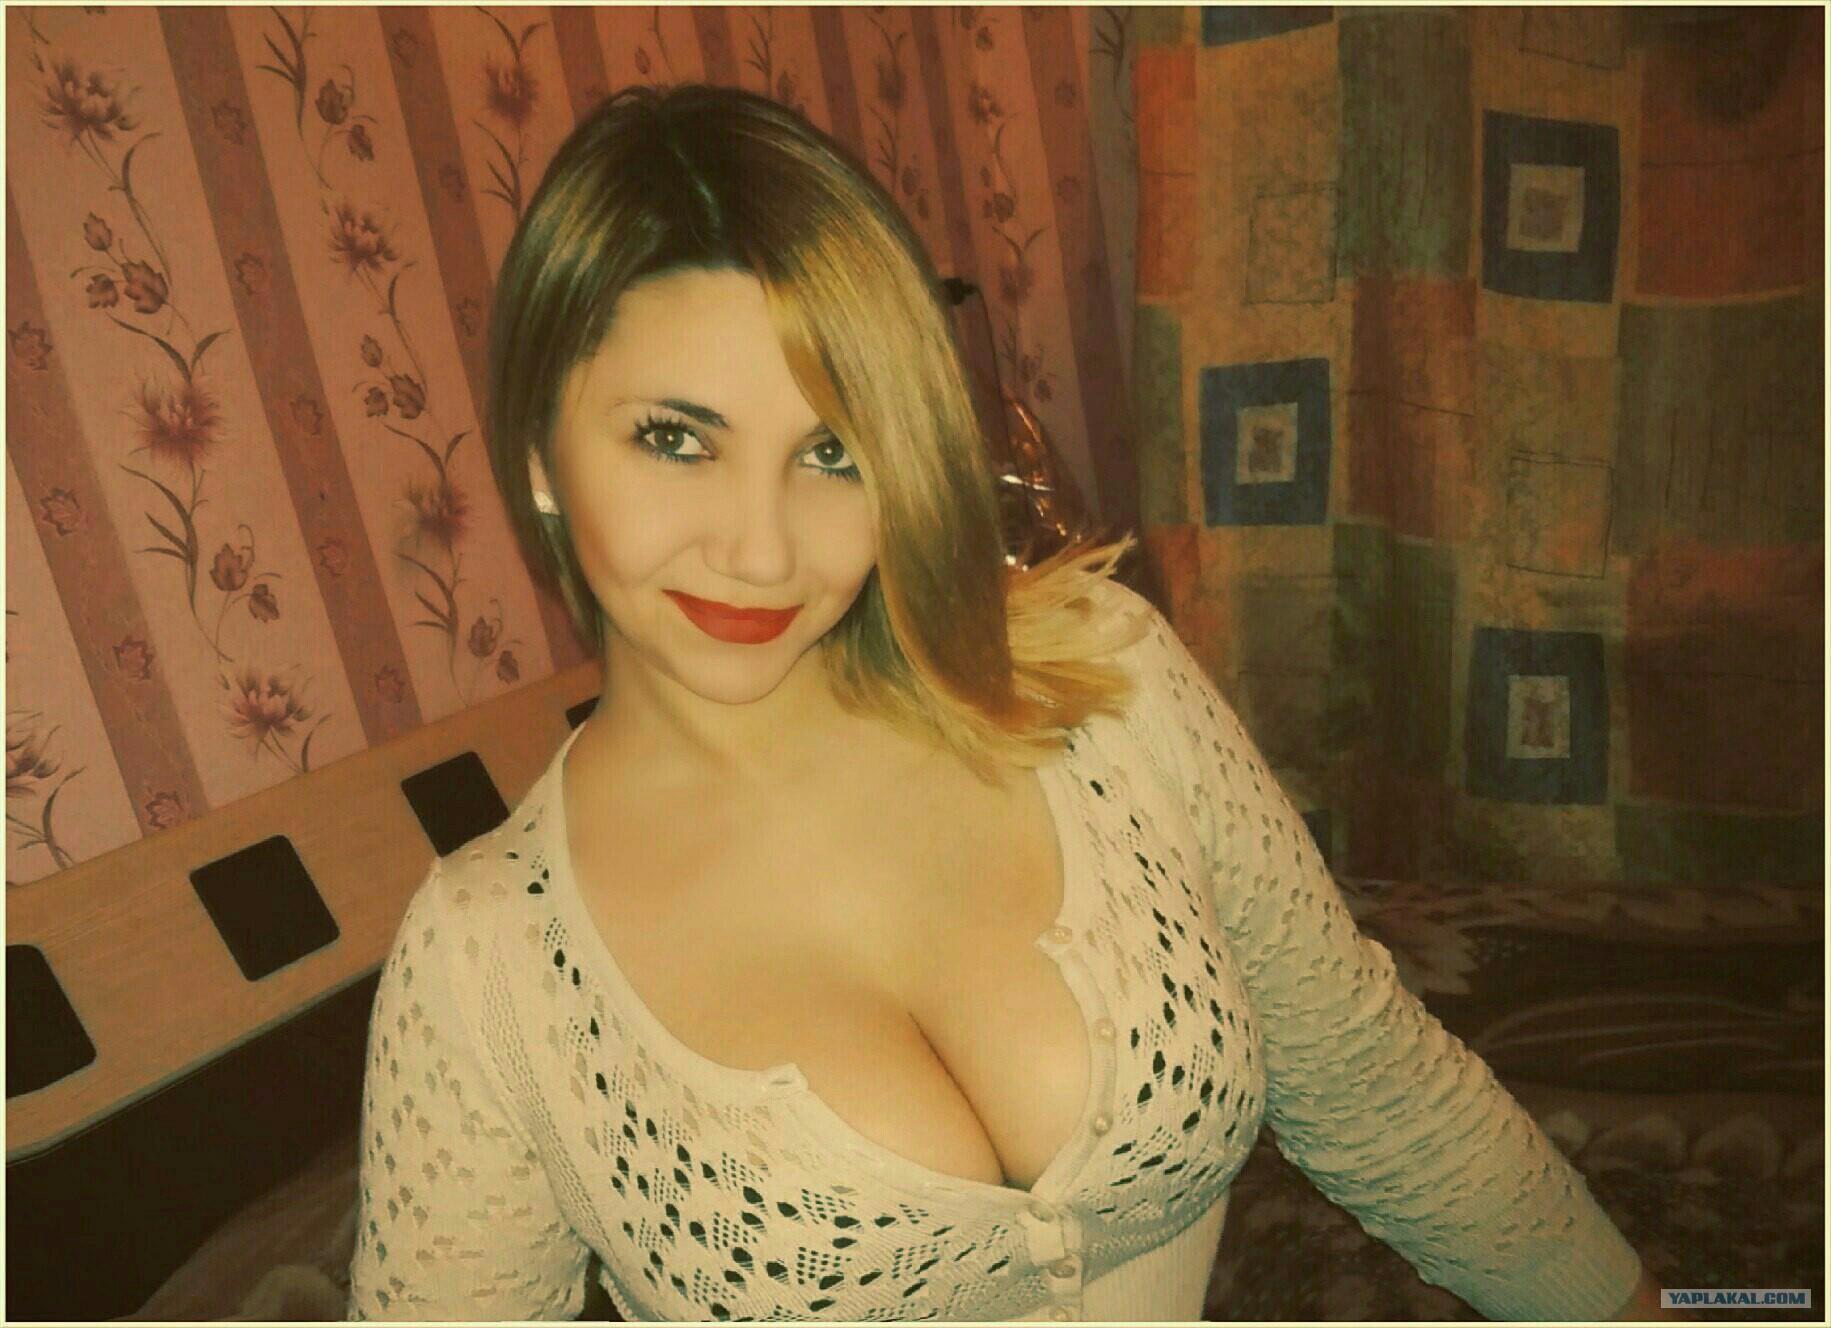 У русской девочки большие сиськи, Русское порно видео с тегом РусскоеБольшие сиськи 10 фотография